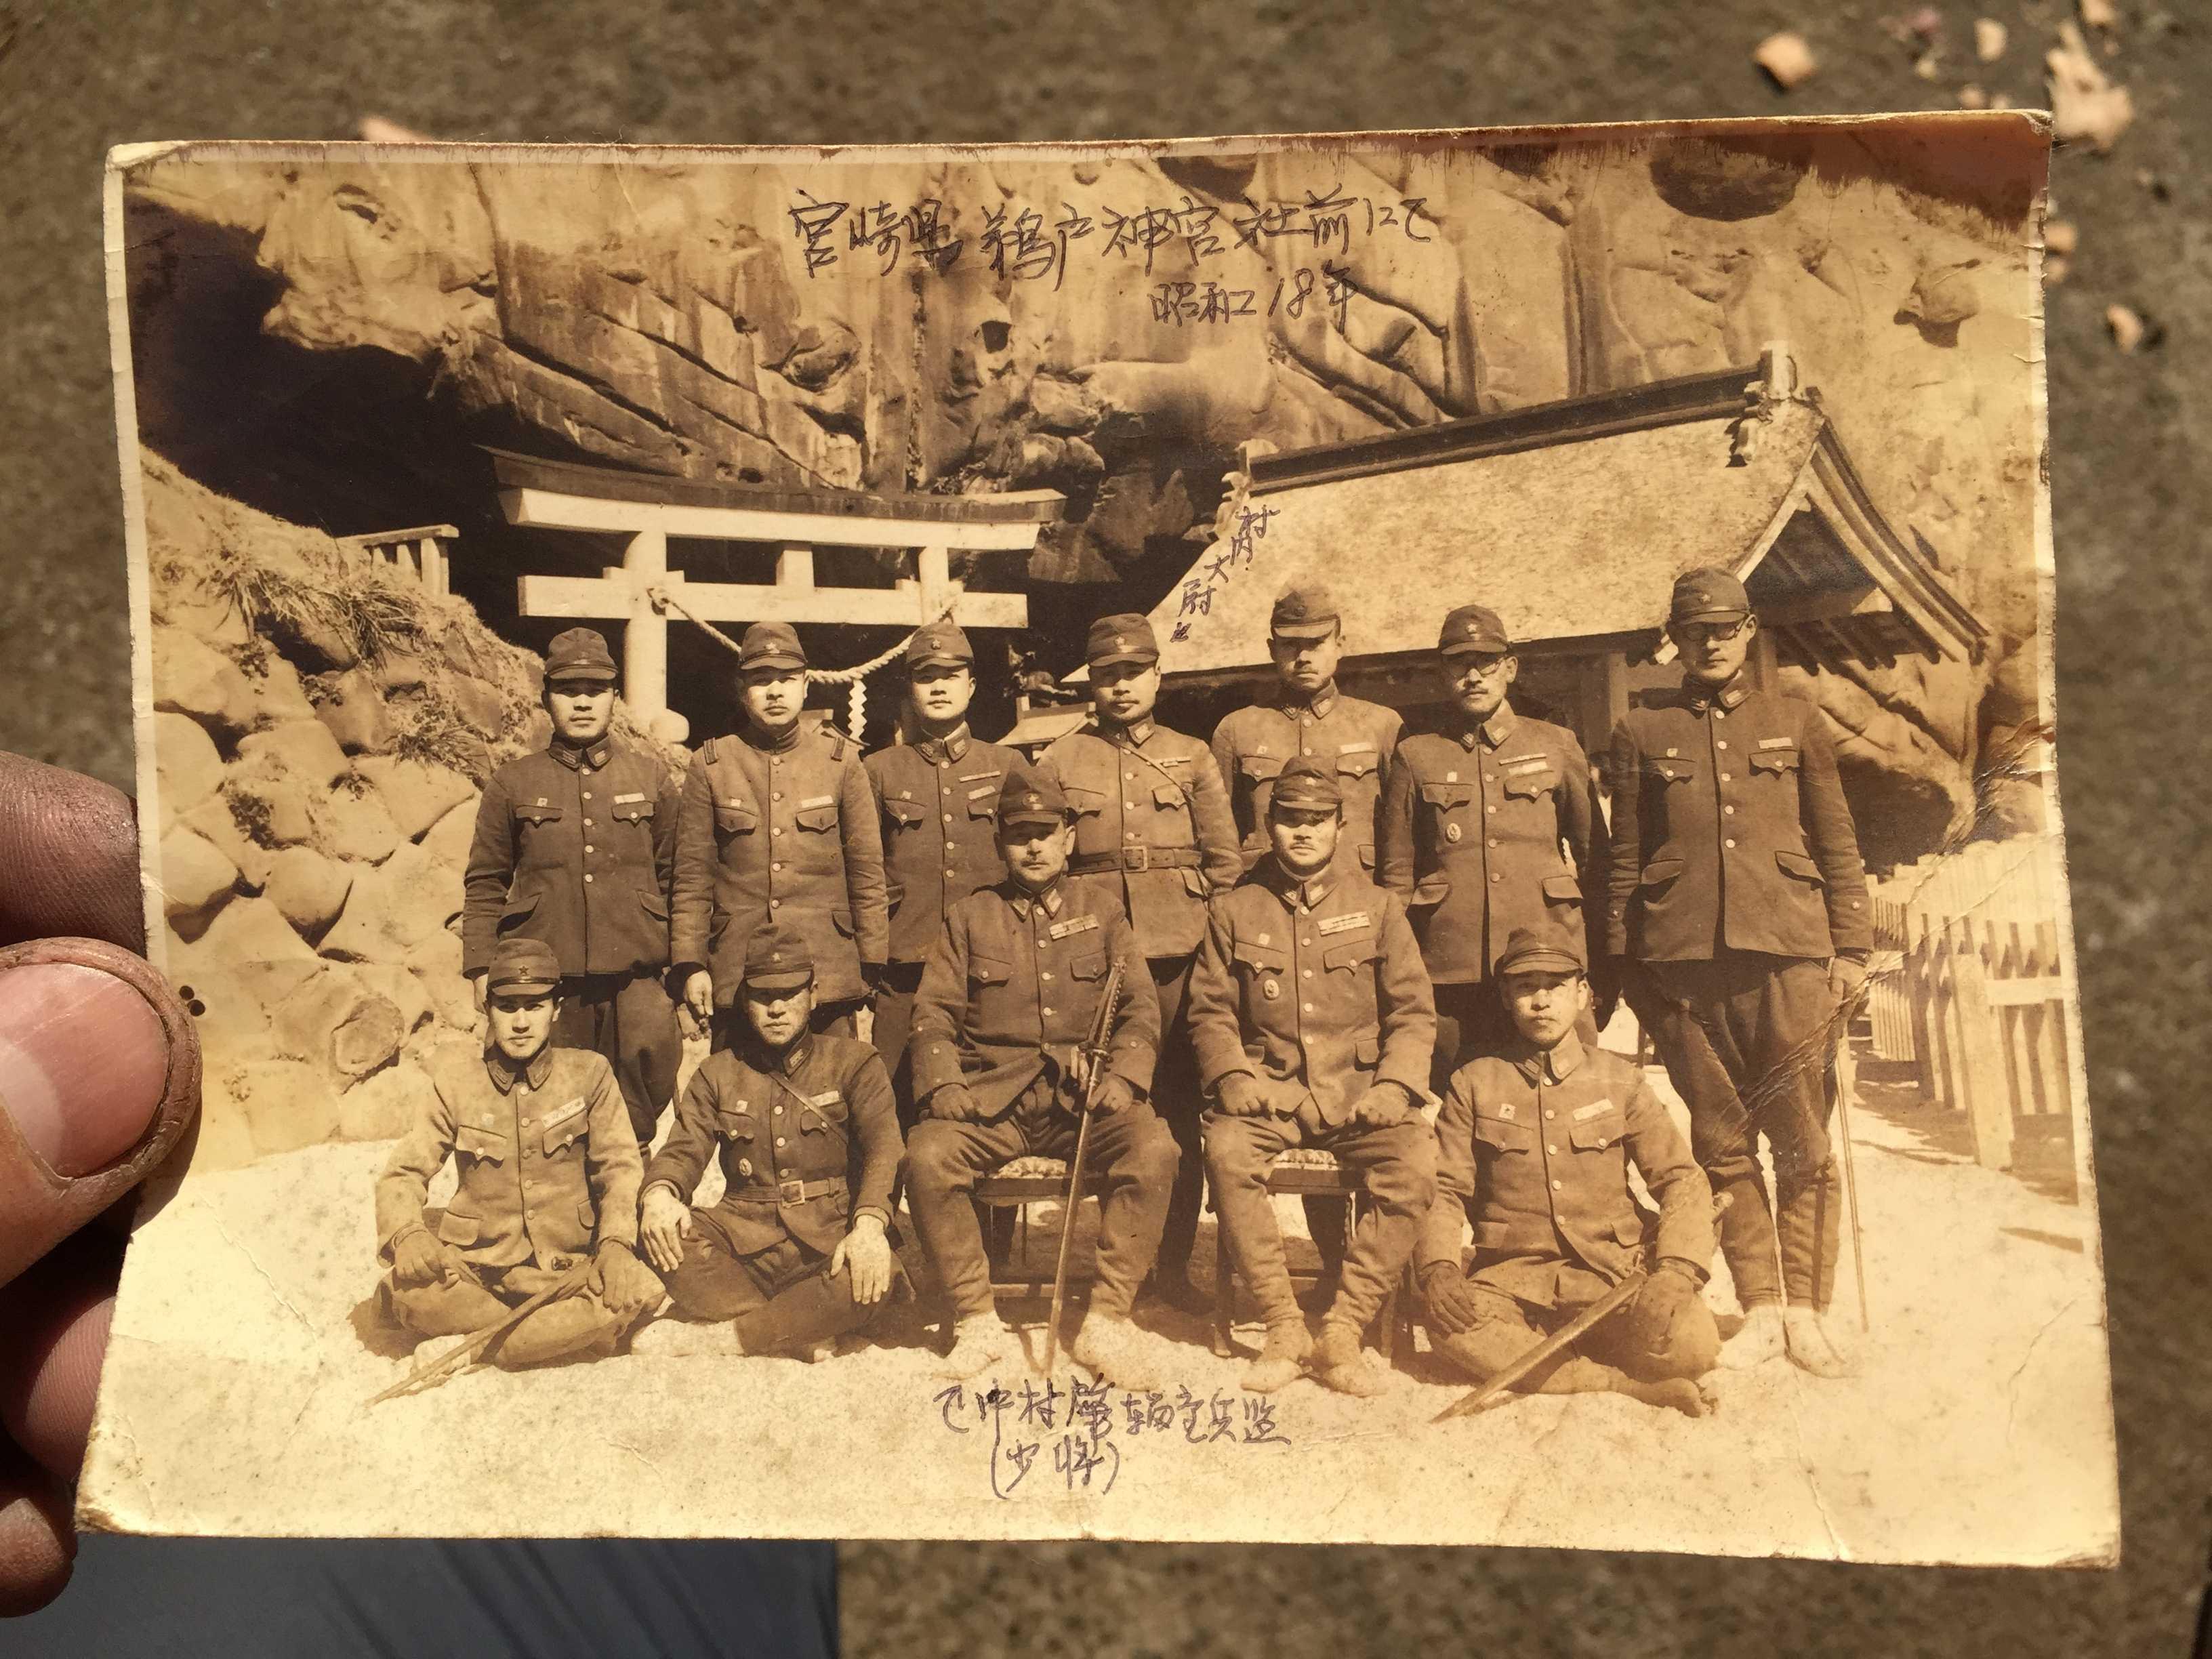 中村肇少将(輜重兵監)と村内村雄大尉、その他陸軍輜重兵学校の仲間